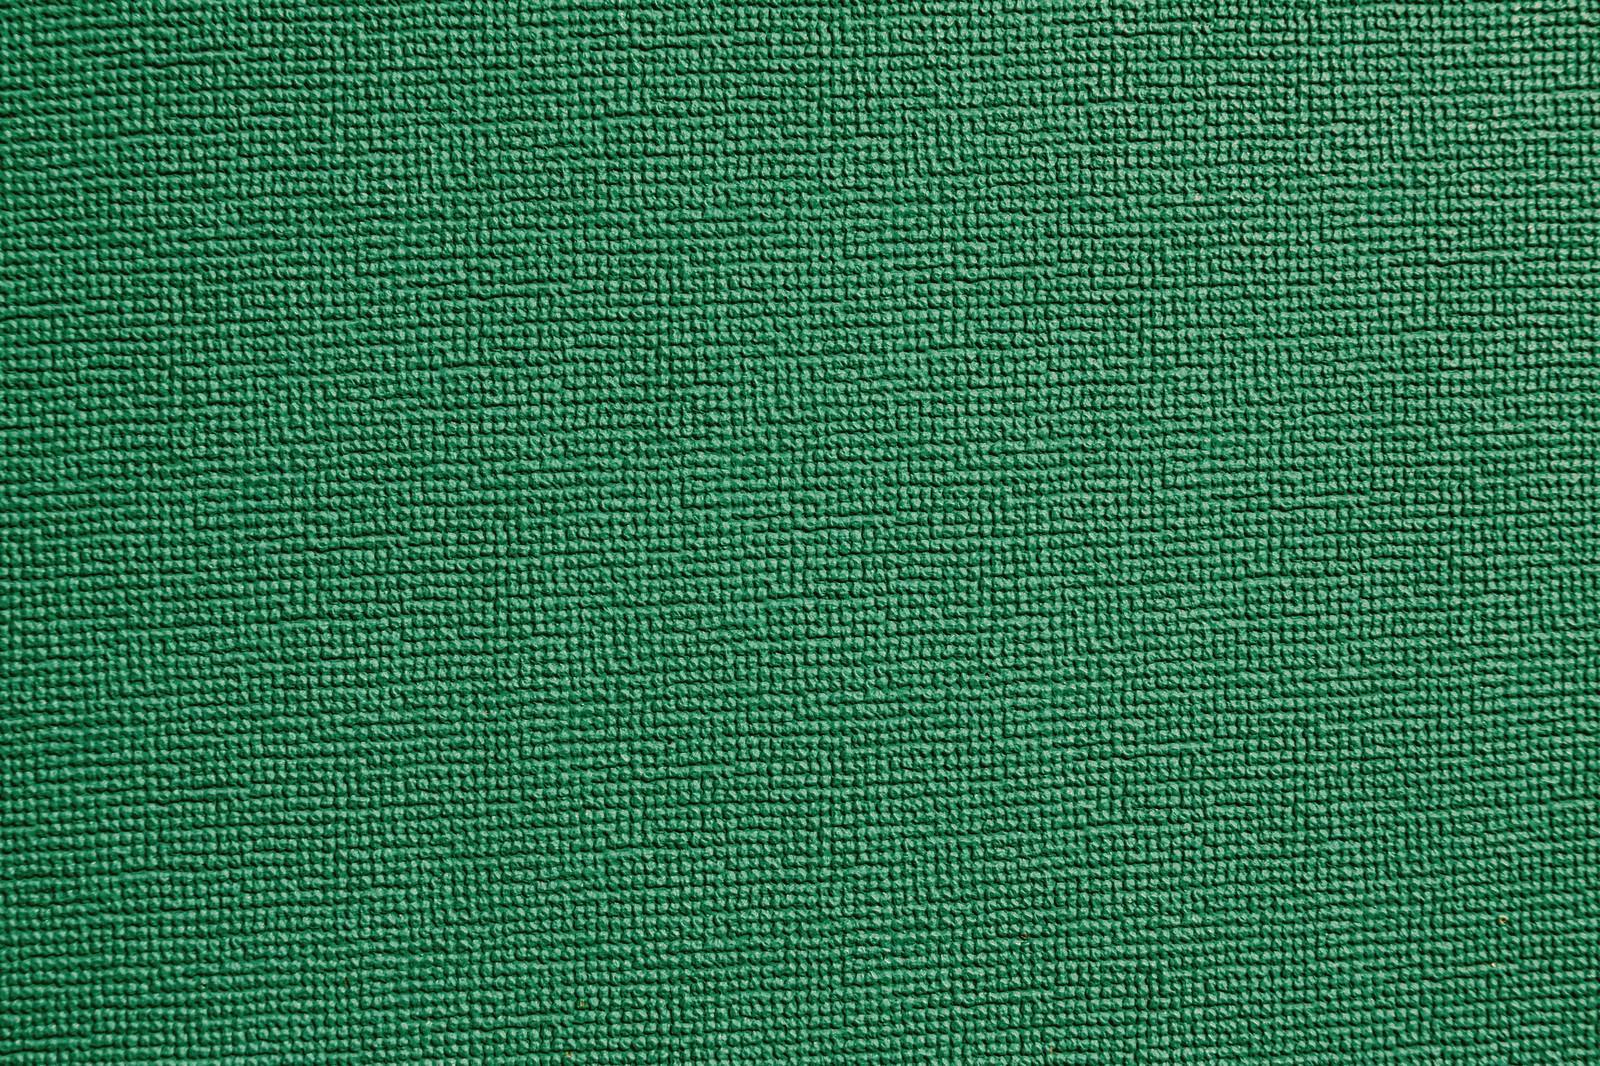 「緑色の掲示板(テクスチャー)」の写真